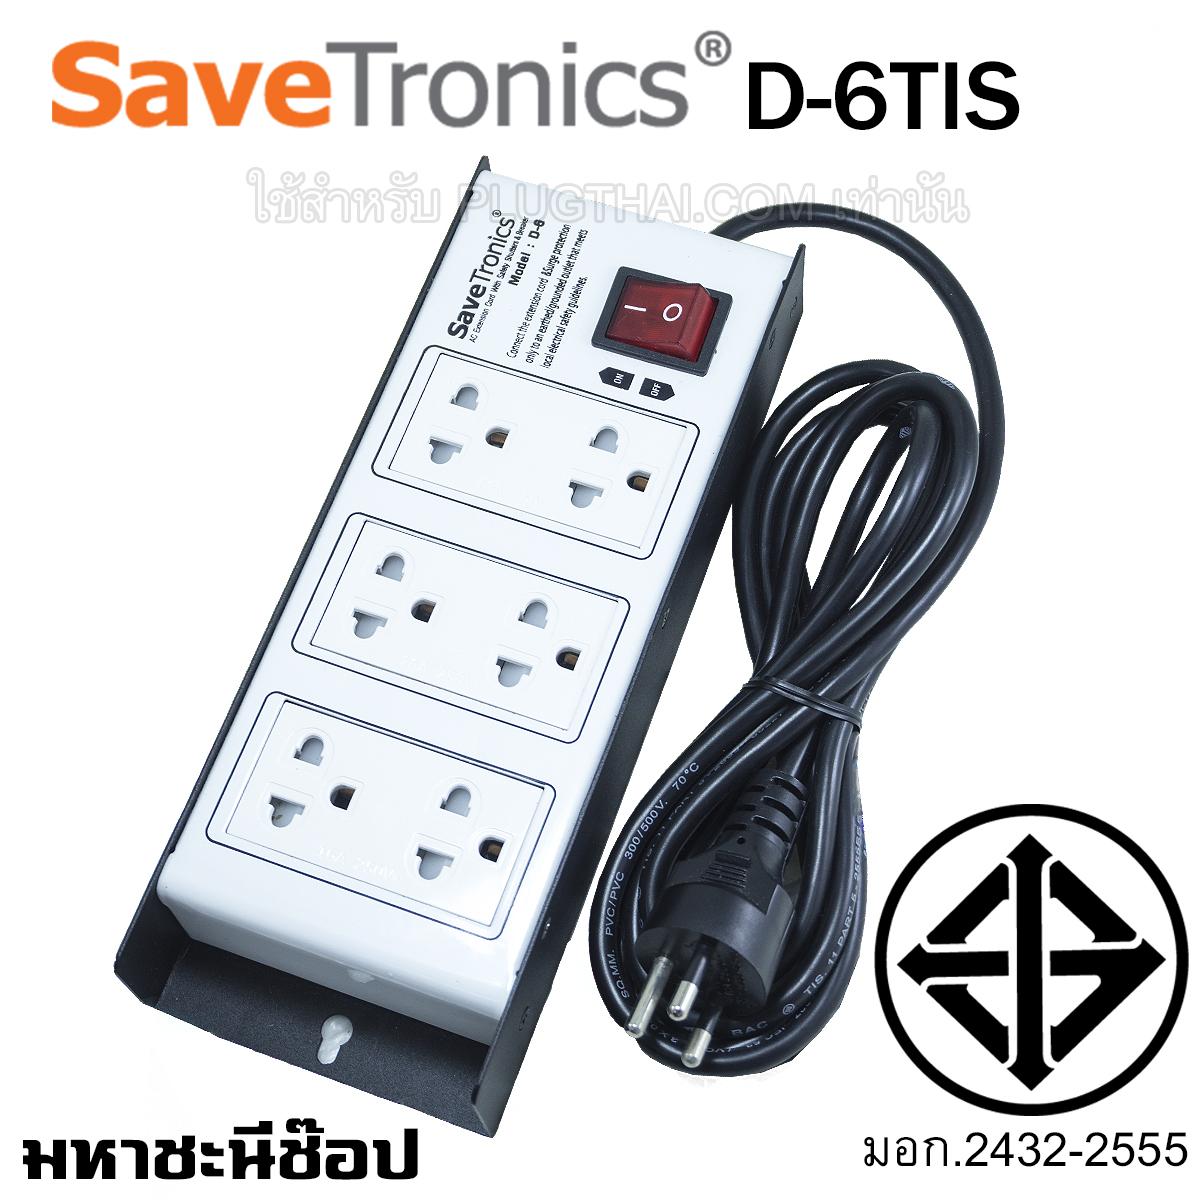 SaveTronics D-6TIS ปลั๊กไฟกันไฟกระชาก บอดี้เหล็ก โรงงานเดียวกับ SURGEGUARD (แทนรุ่น D-6)